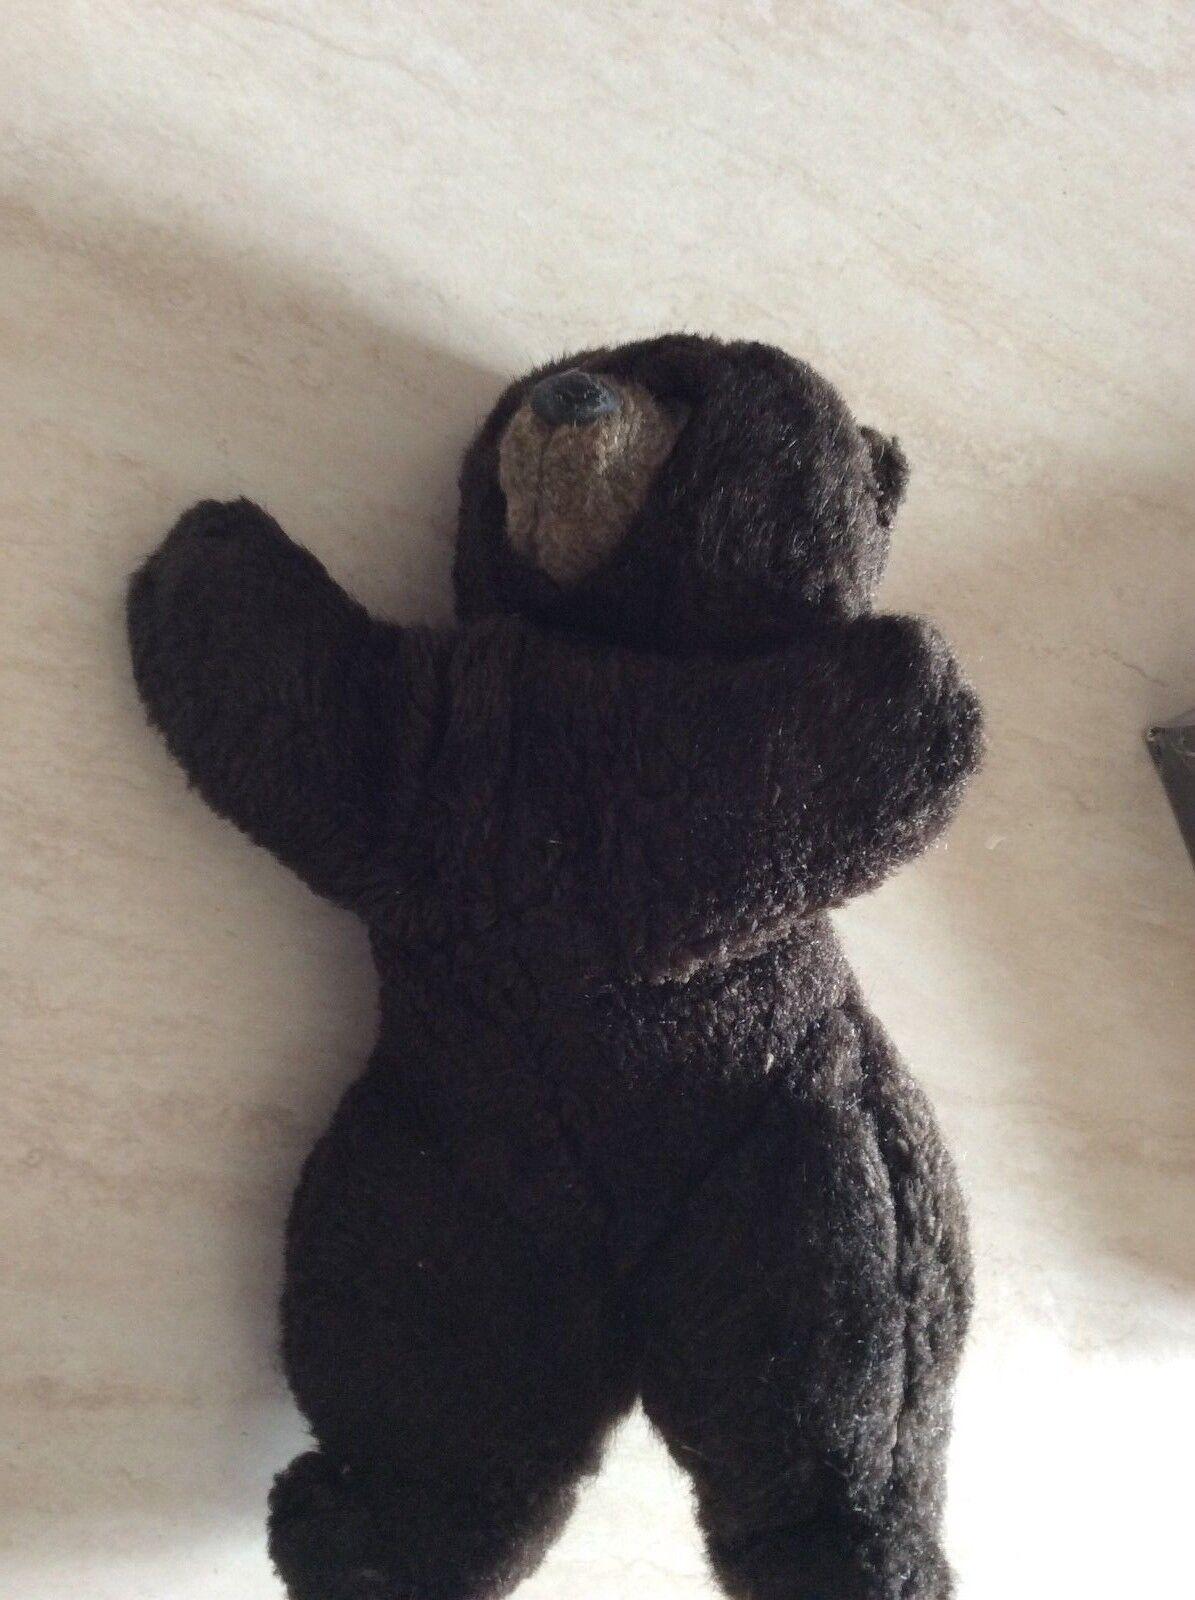 Rarissimo peluche orso bruno lenci torino anni 60 da collezione